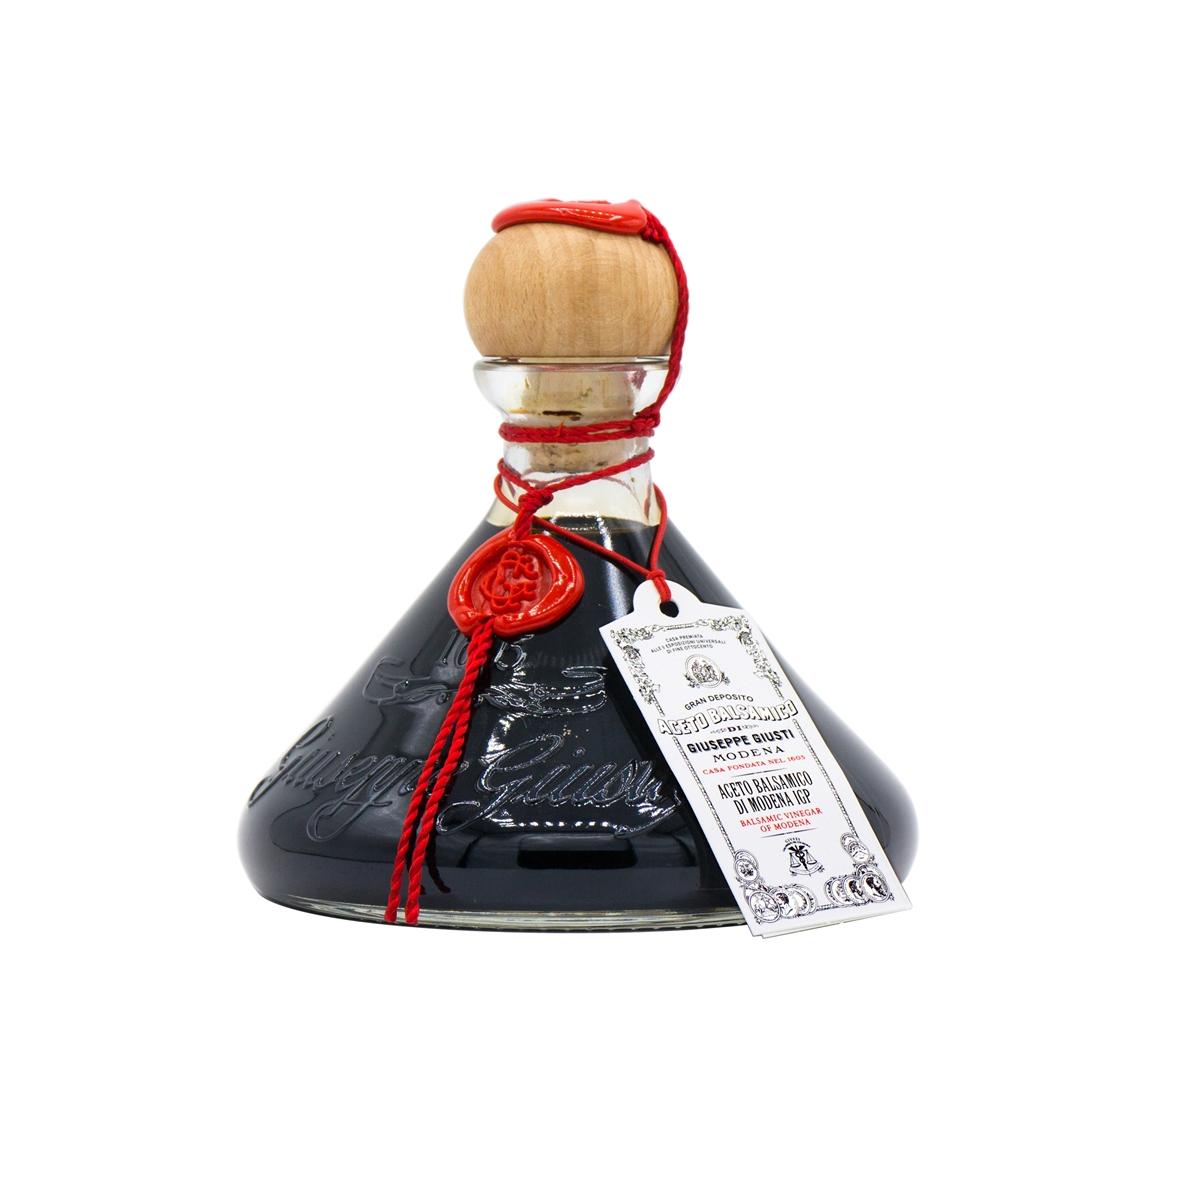 Aceto Balsamico di Modena IGP - 1 Medaglia d'Argento - Zucchetta da 250 ml